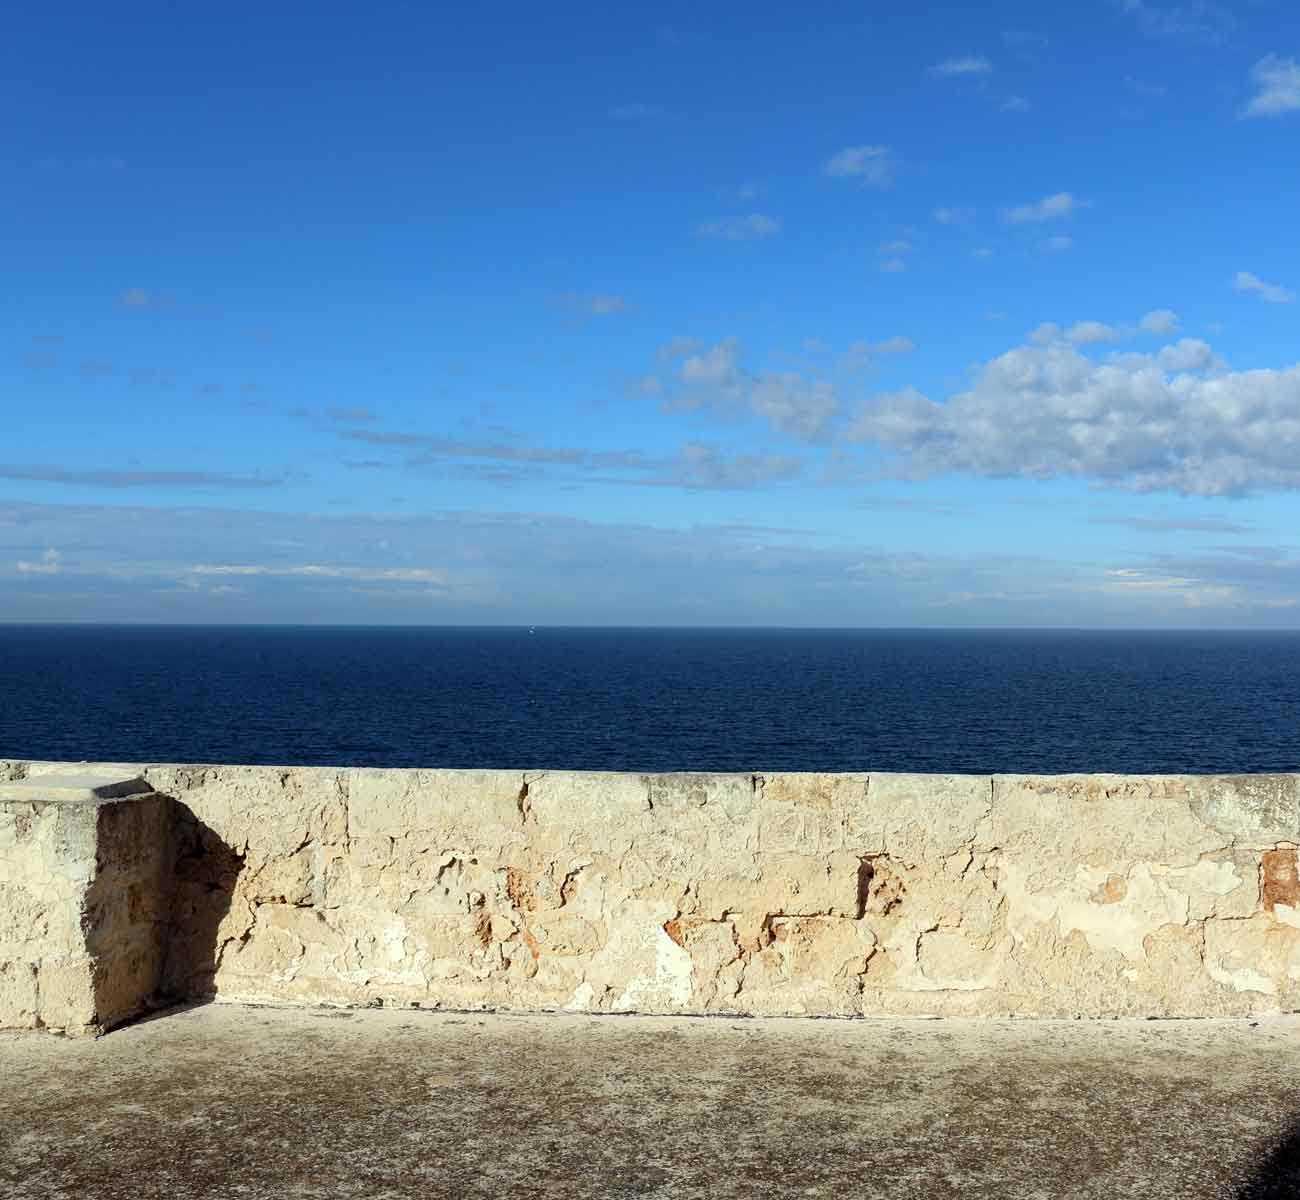 Property for sale in Puglia